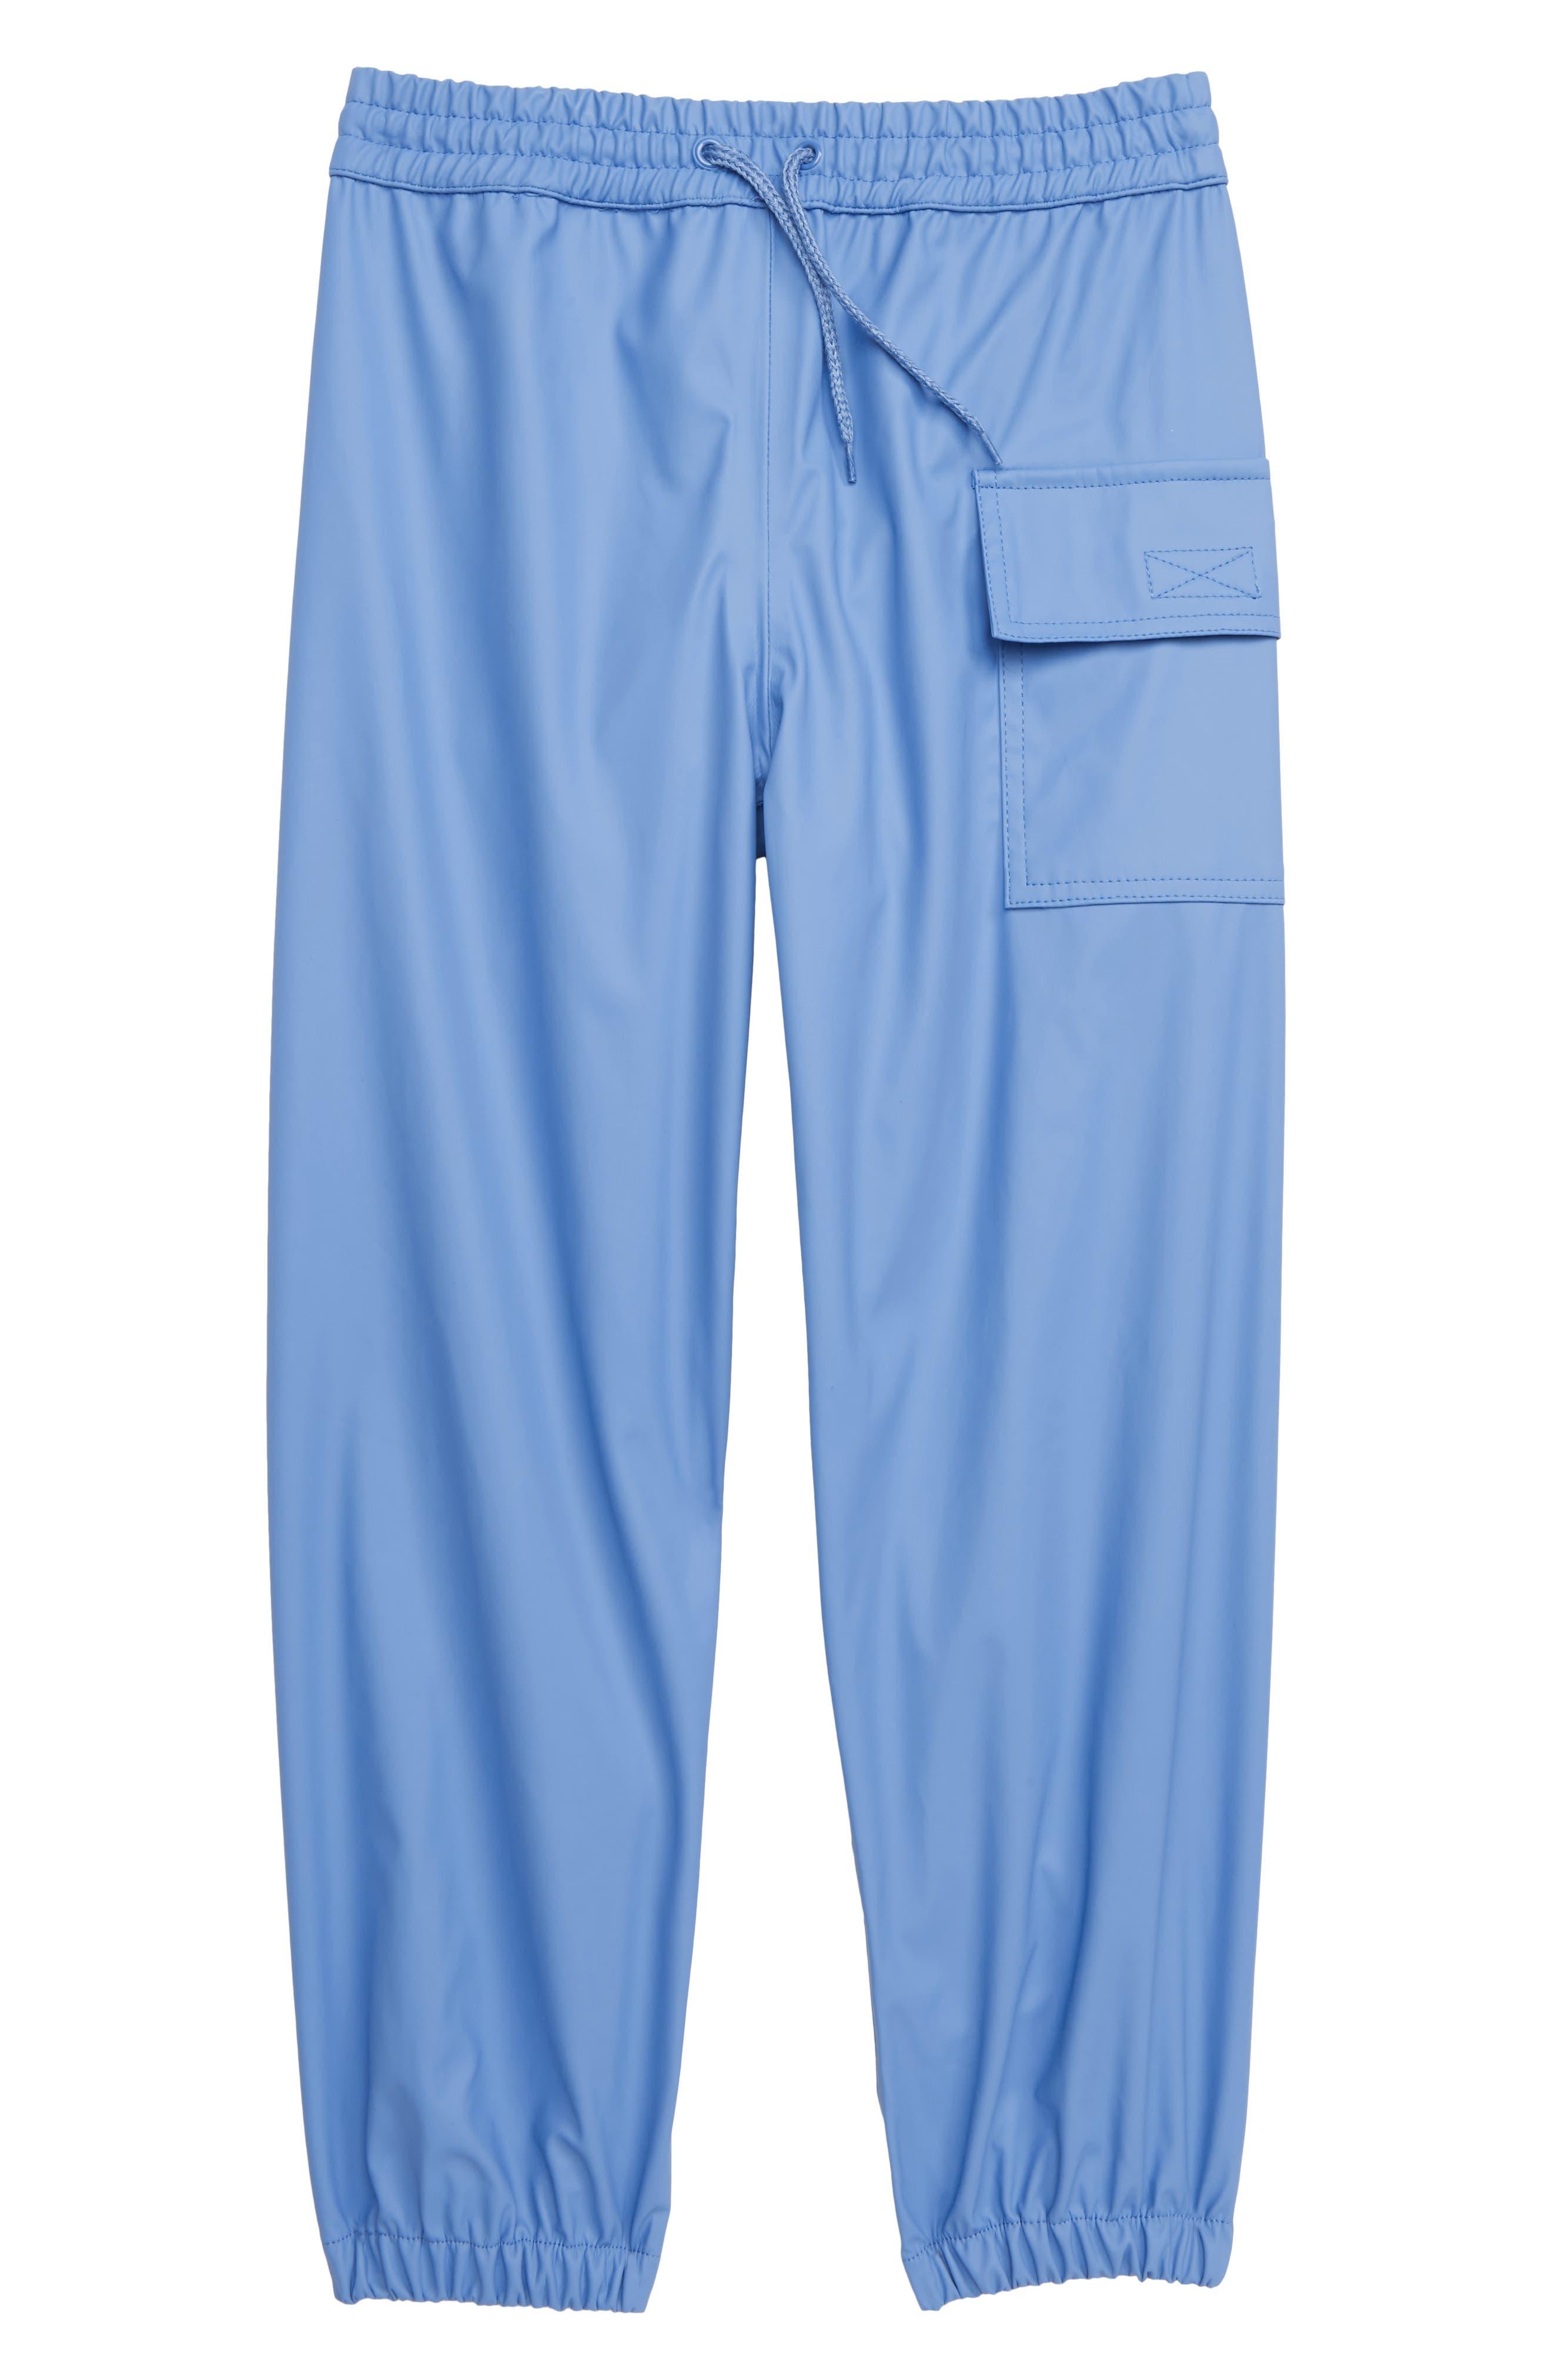 HATLEY, Splash Pants, Main thumbnail 1, color, BLUE